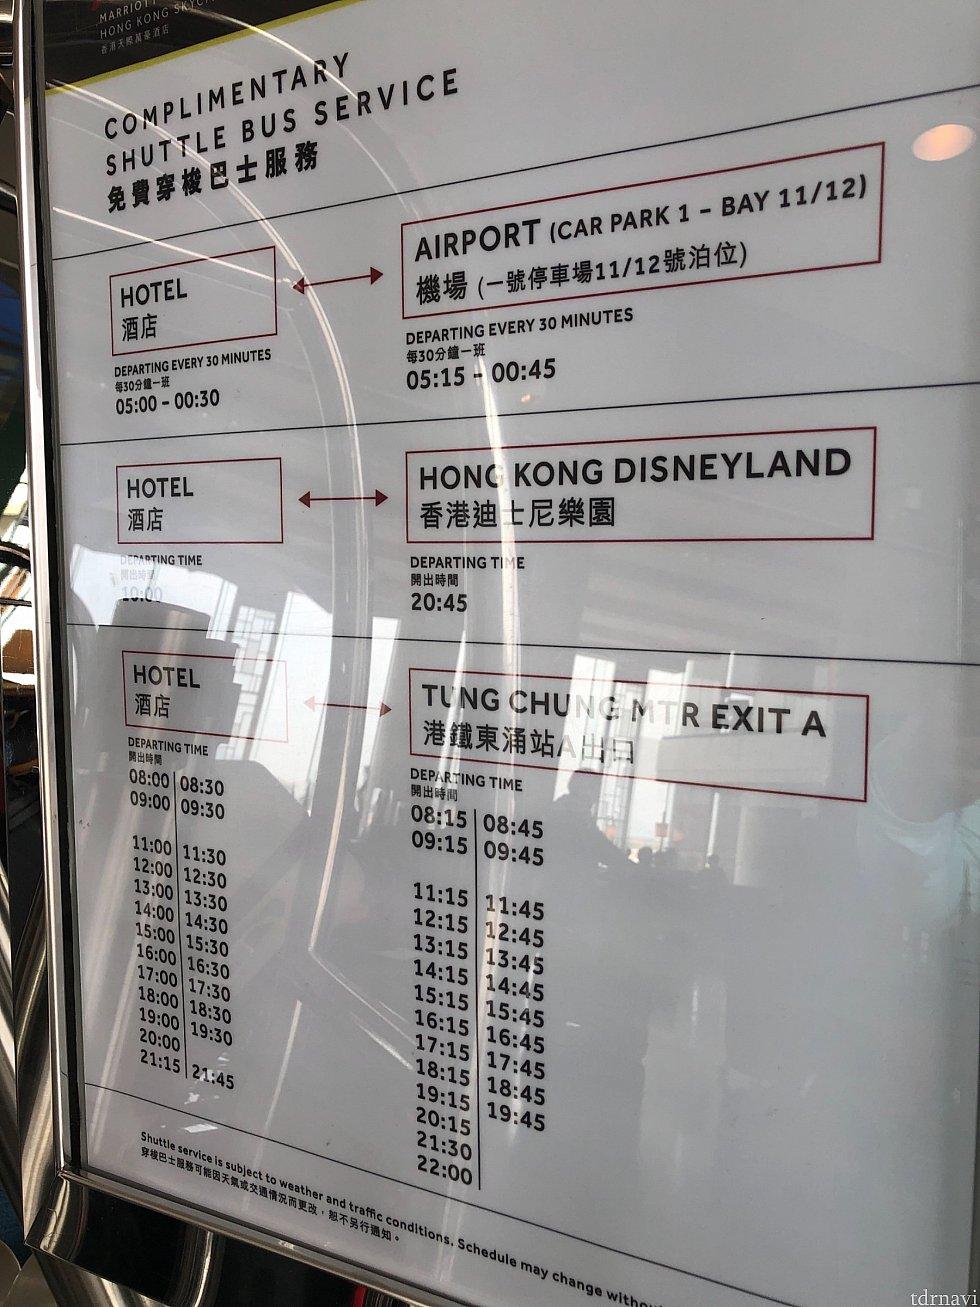 バスの時刻表です。